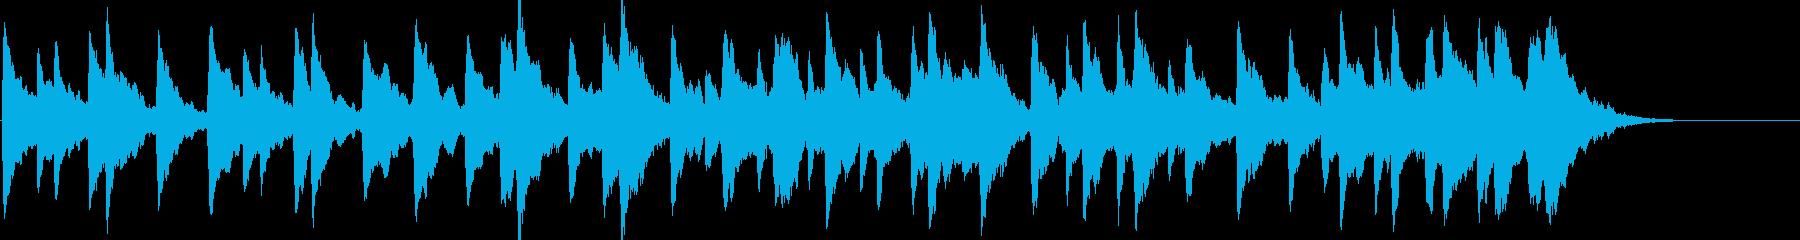 童謡「雪やこんこん」オルゴールbpm76の再生済みの波形